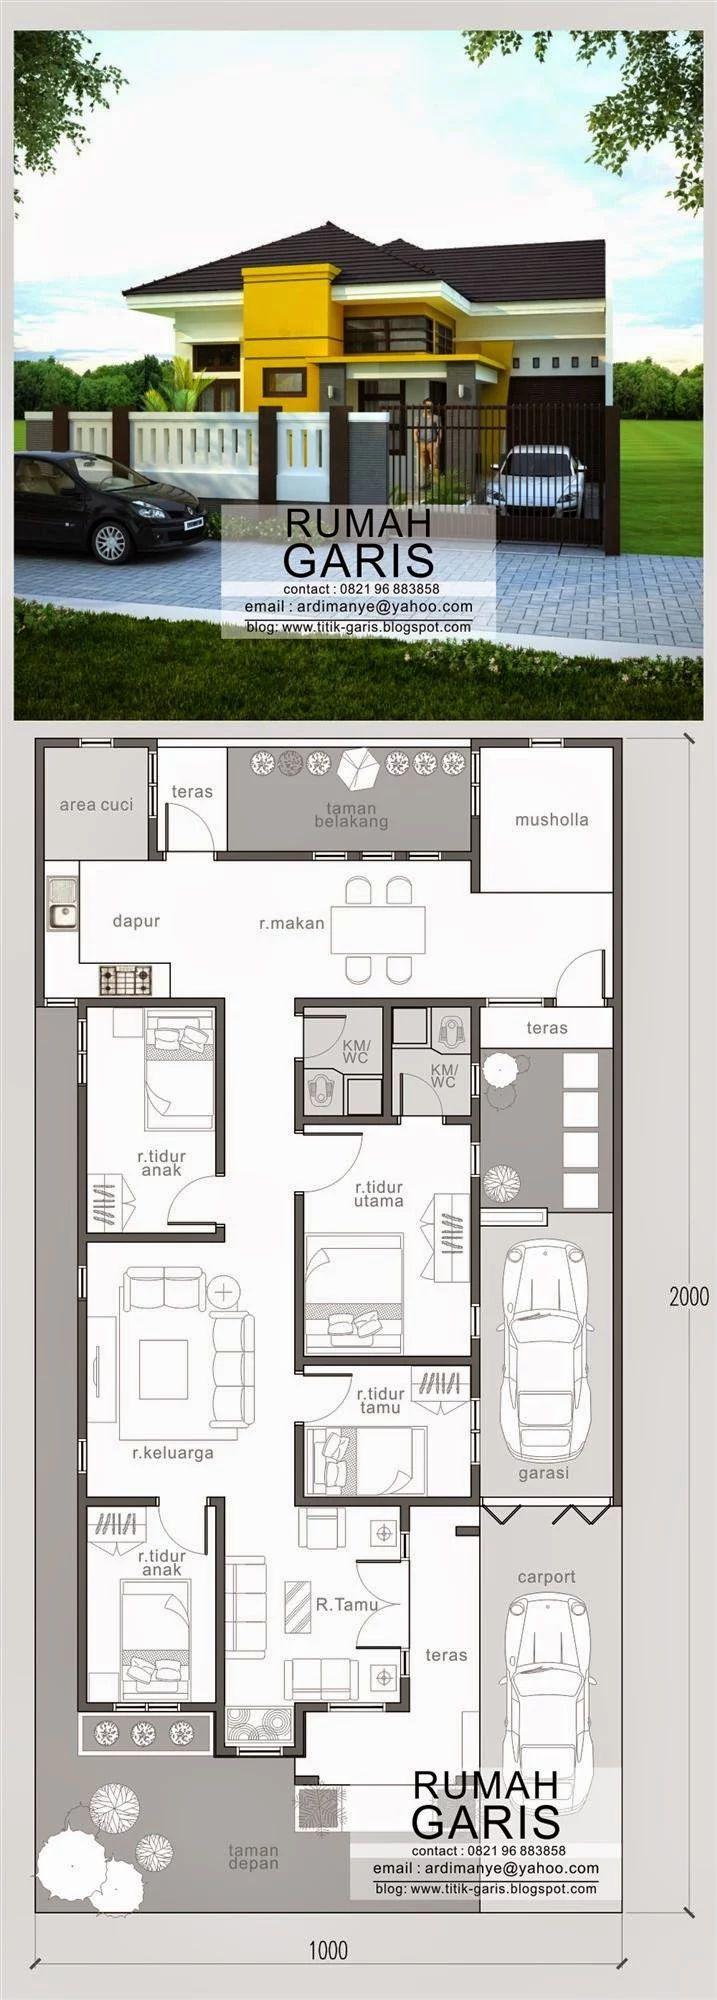 Contoh Desain Rumah Mungil Minimalis Blog Koleksi Desain Rumah